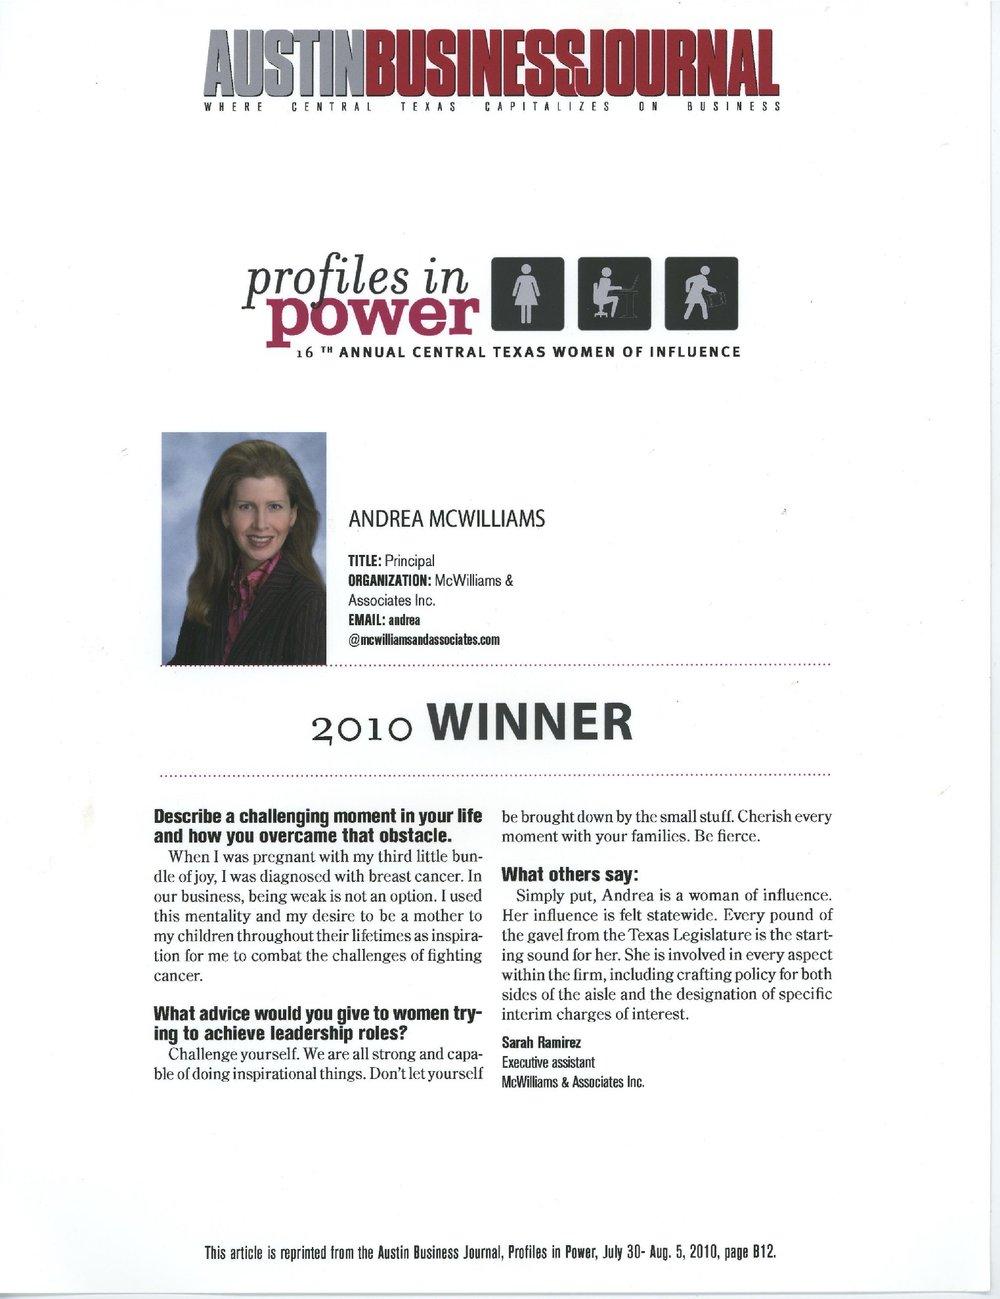 Profiles in Power: 2010 Winner